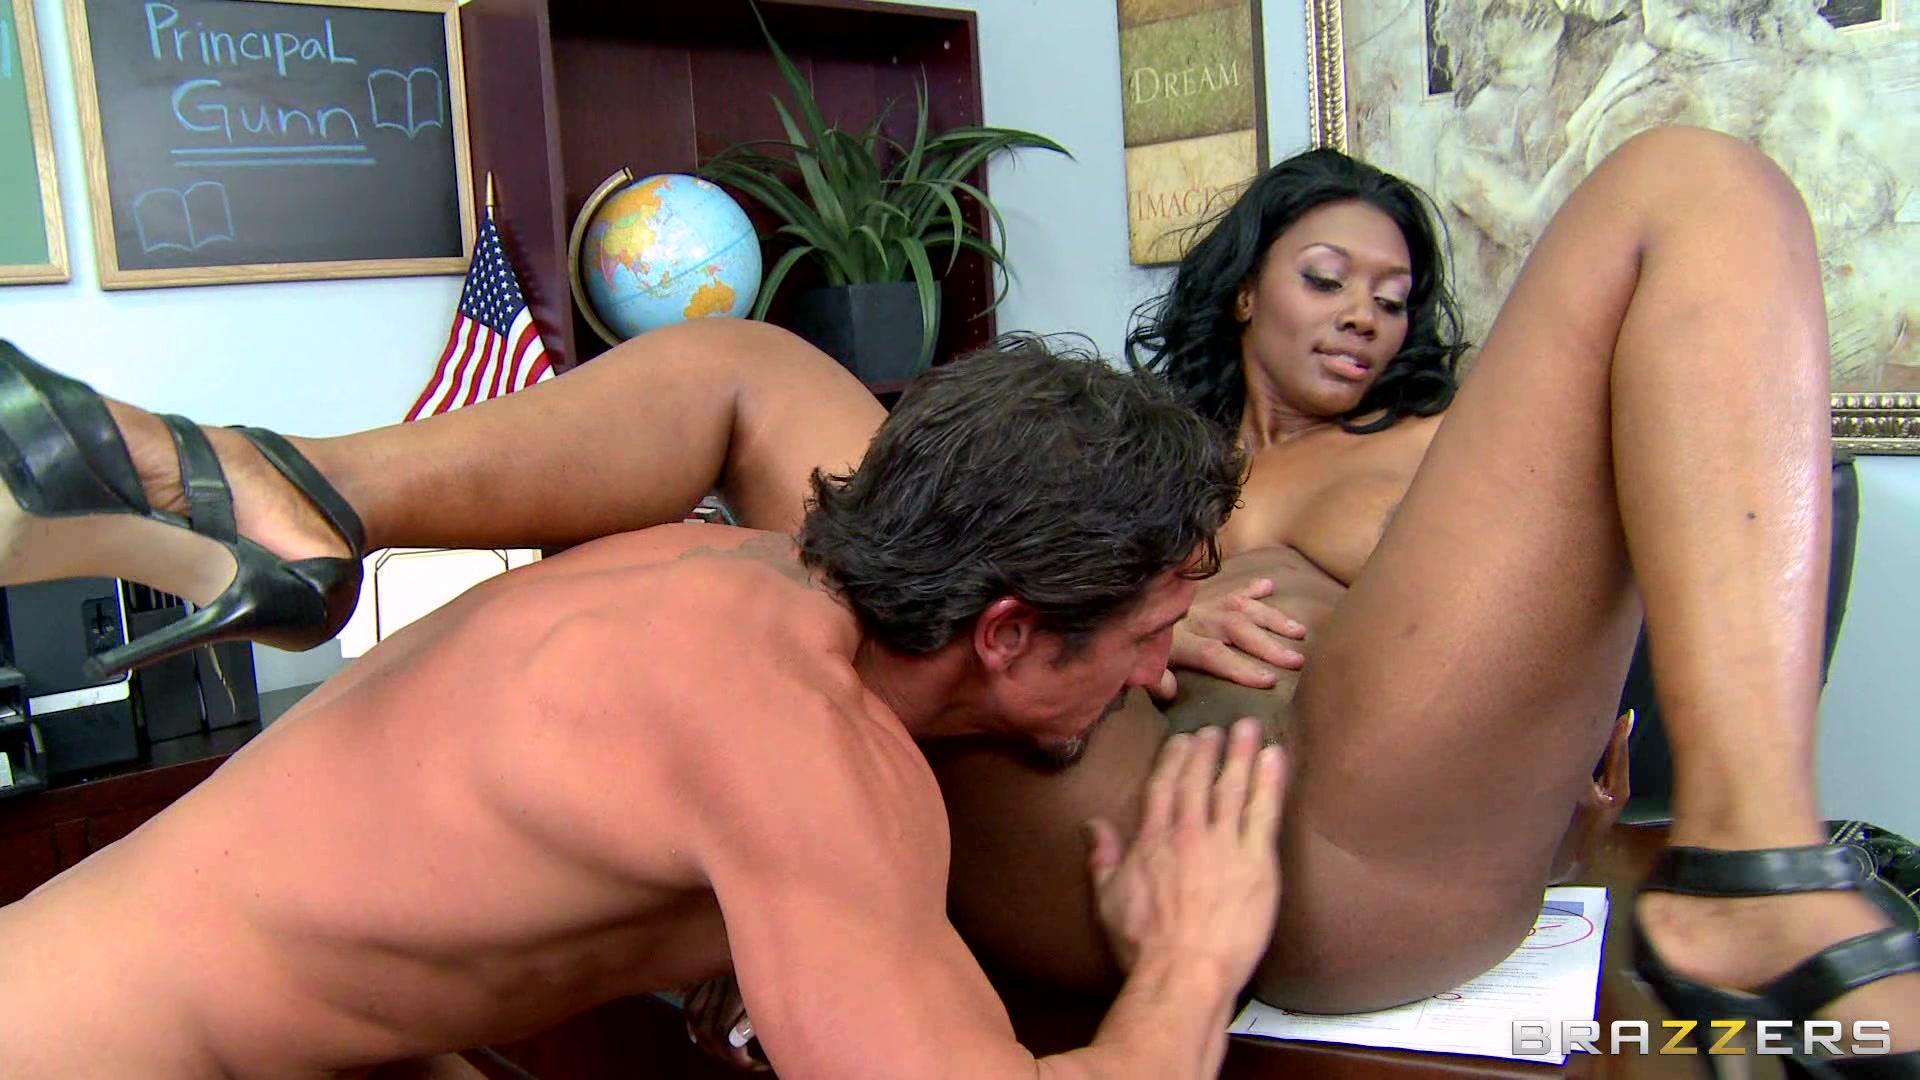 men n women having naked porn sex